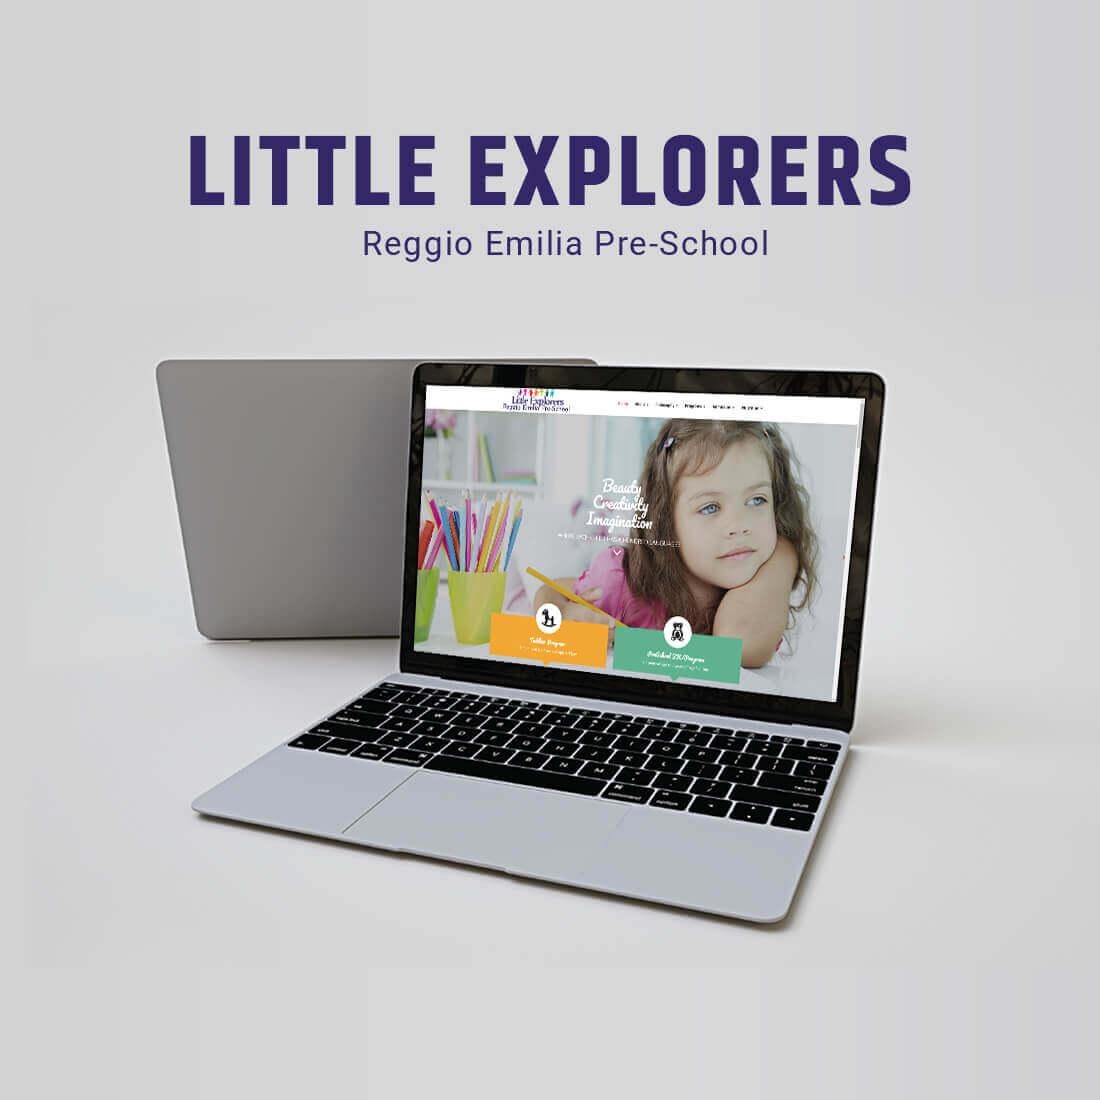 Little Explorers Reggio